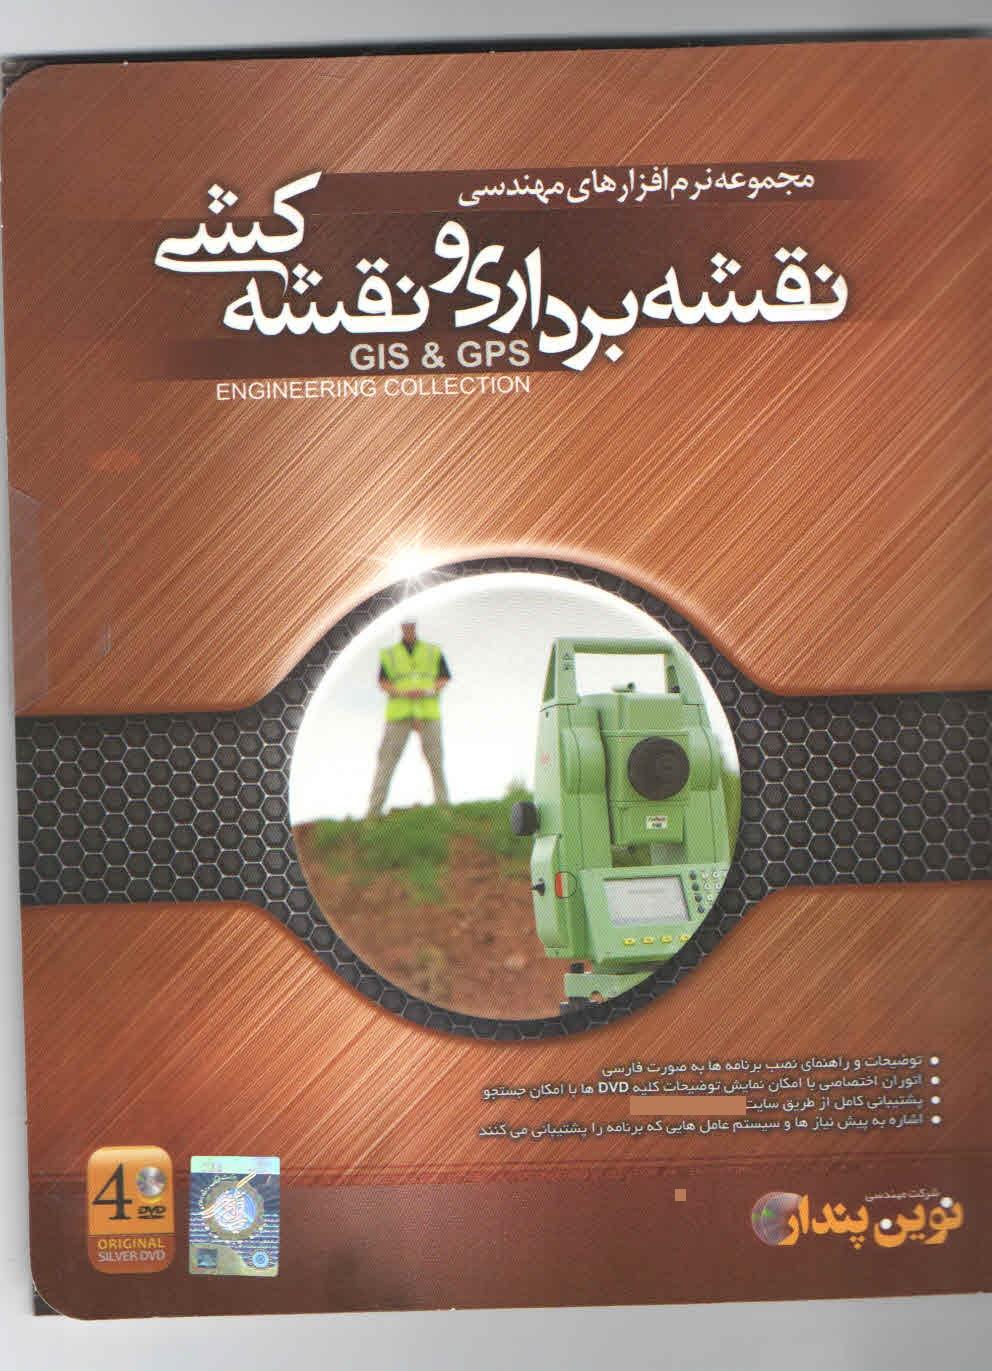 نرم افزارهای مهندسی نقشه برداری و نقشه کشی -GIS & GPS